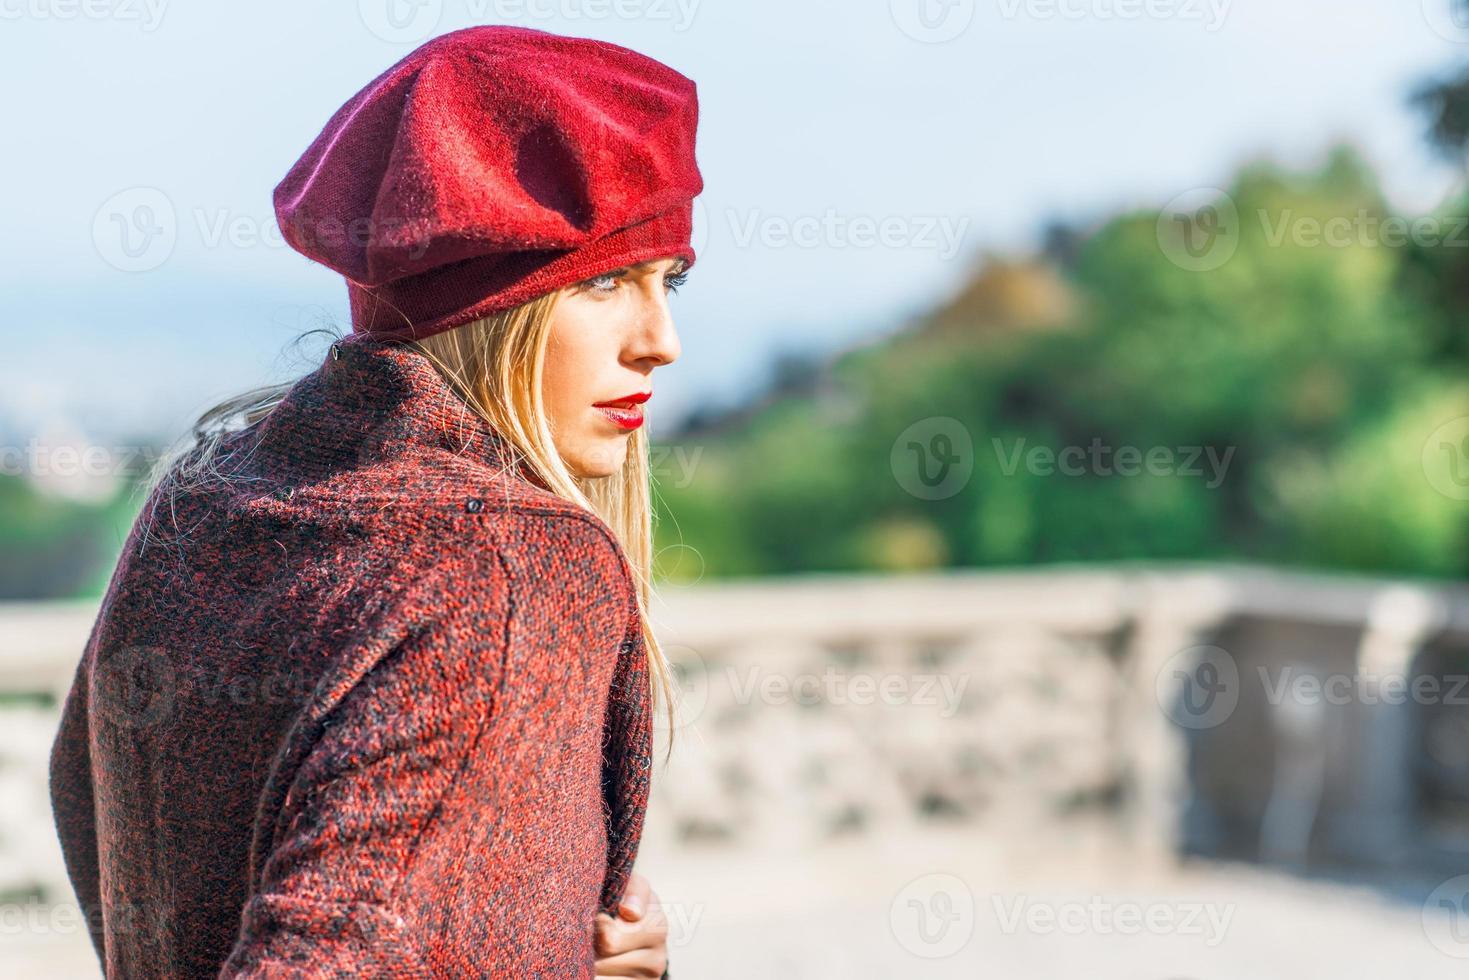 chica con pintalabios vestida de burdeos foto